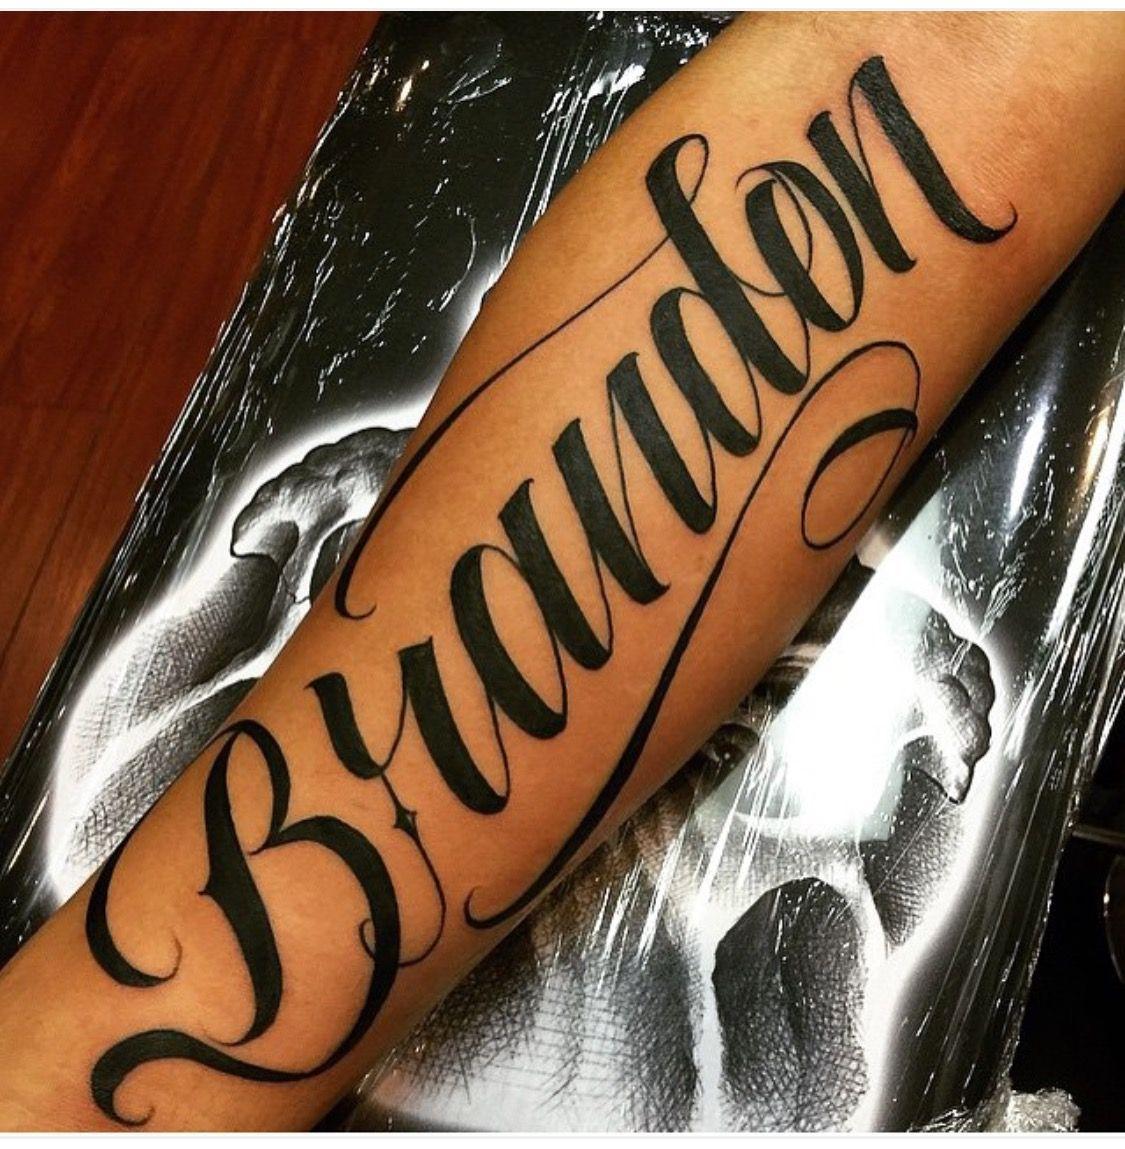 Pinterest Lovemebeauty85 Tatuajes De Nombres Tatuajes De